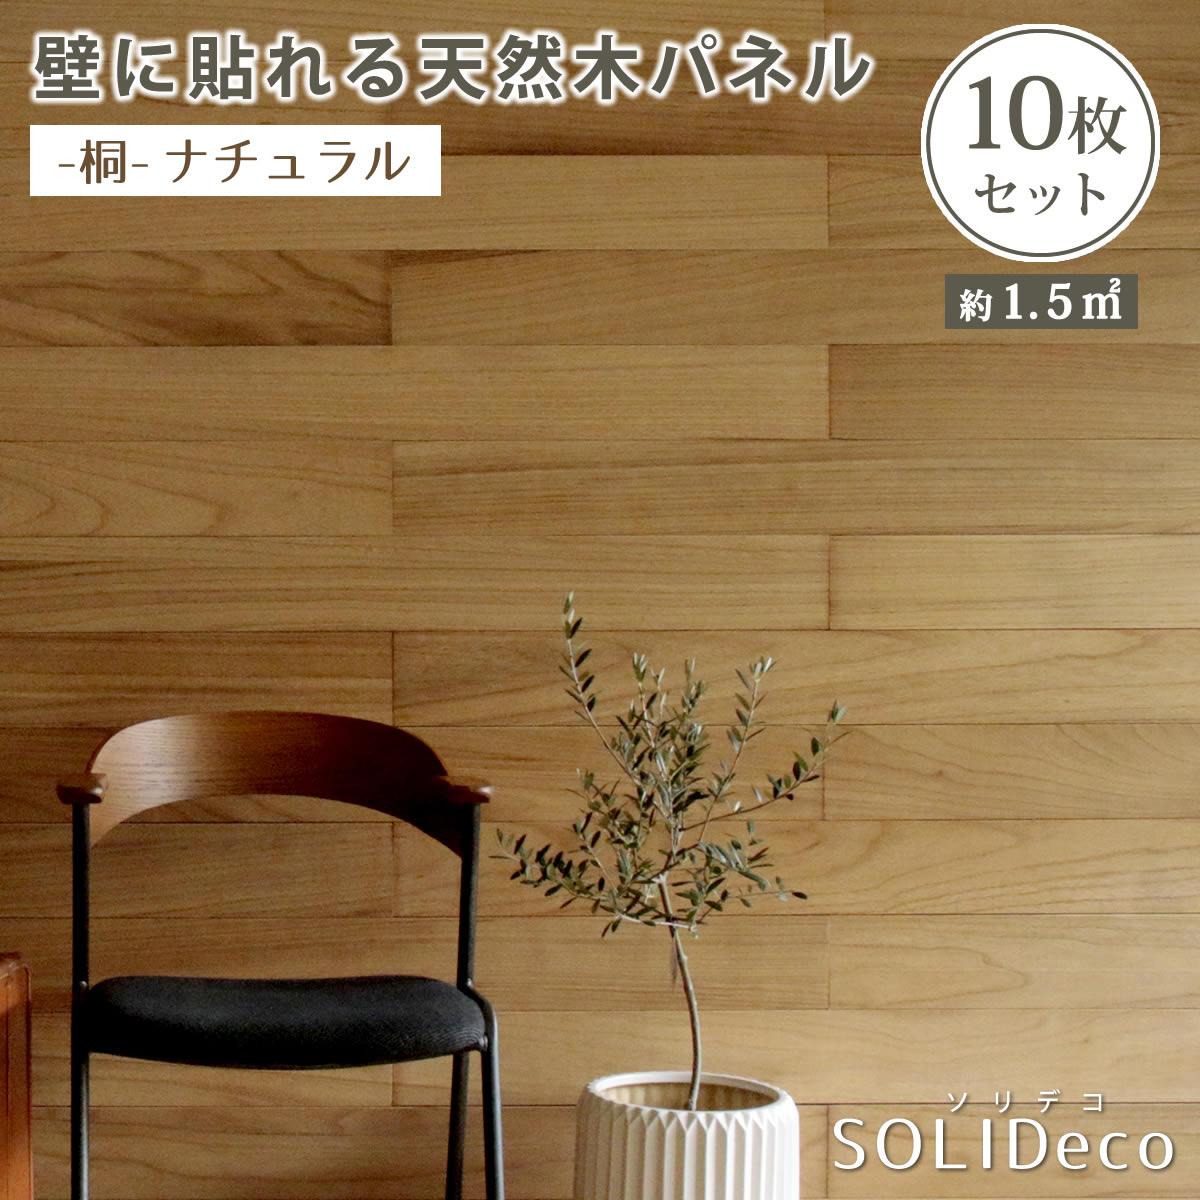 品質検査済 壁パネル ウォールパネル ウッドパネル DIY 壁紙 上質 送料無料 壁に貼れる天然木パネル 約1.5m2 10枚組 SOLIDECO